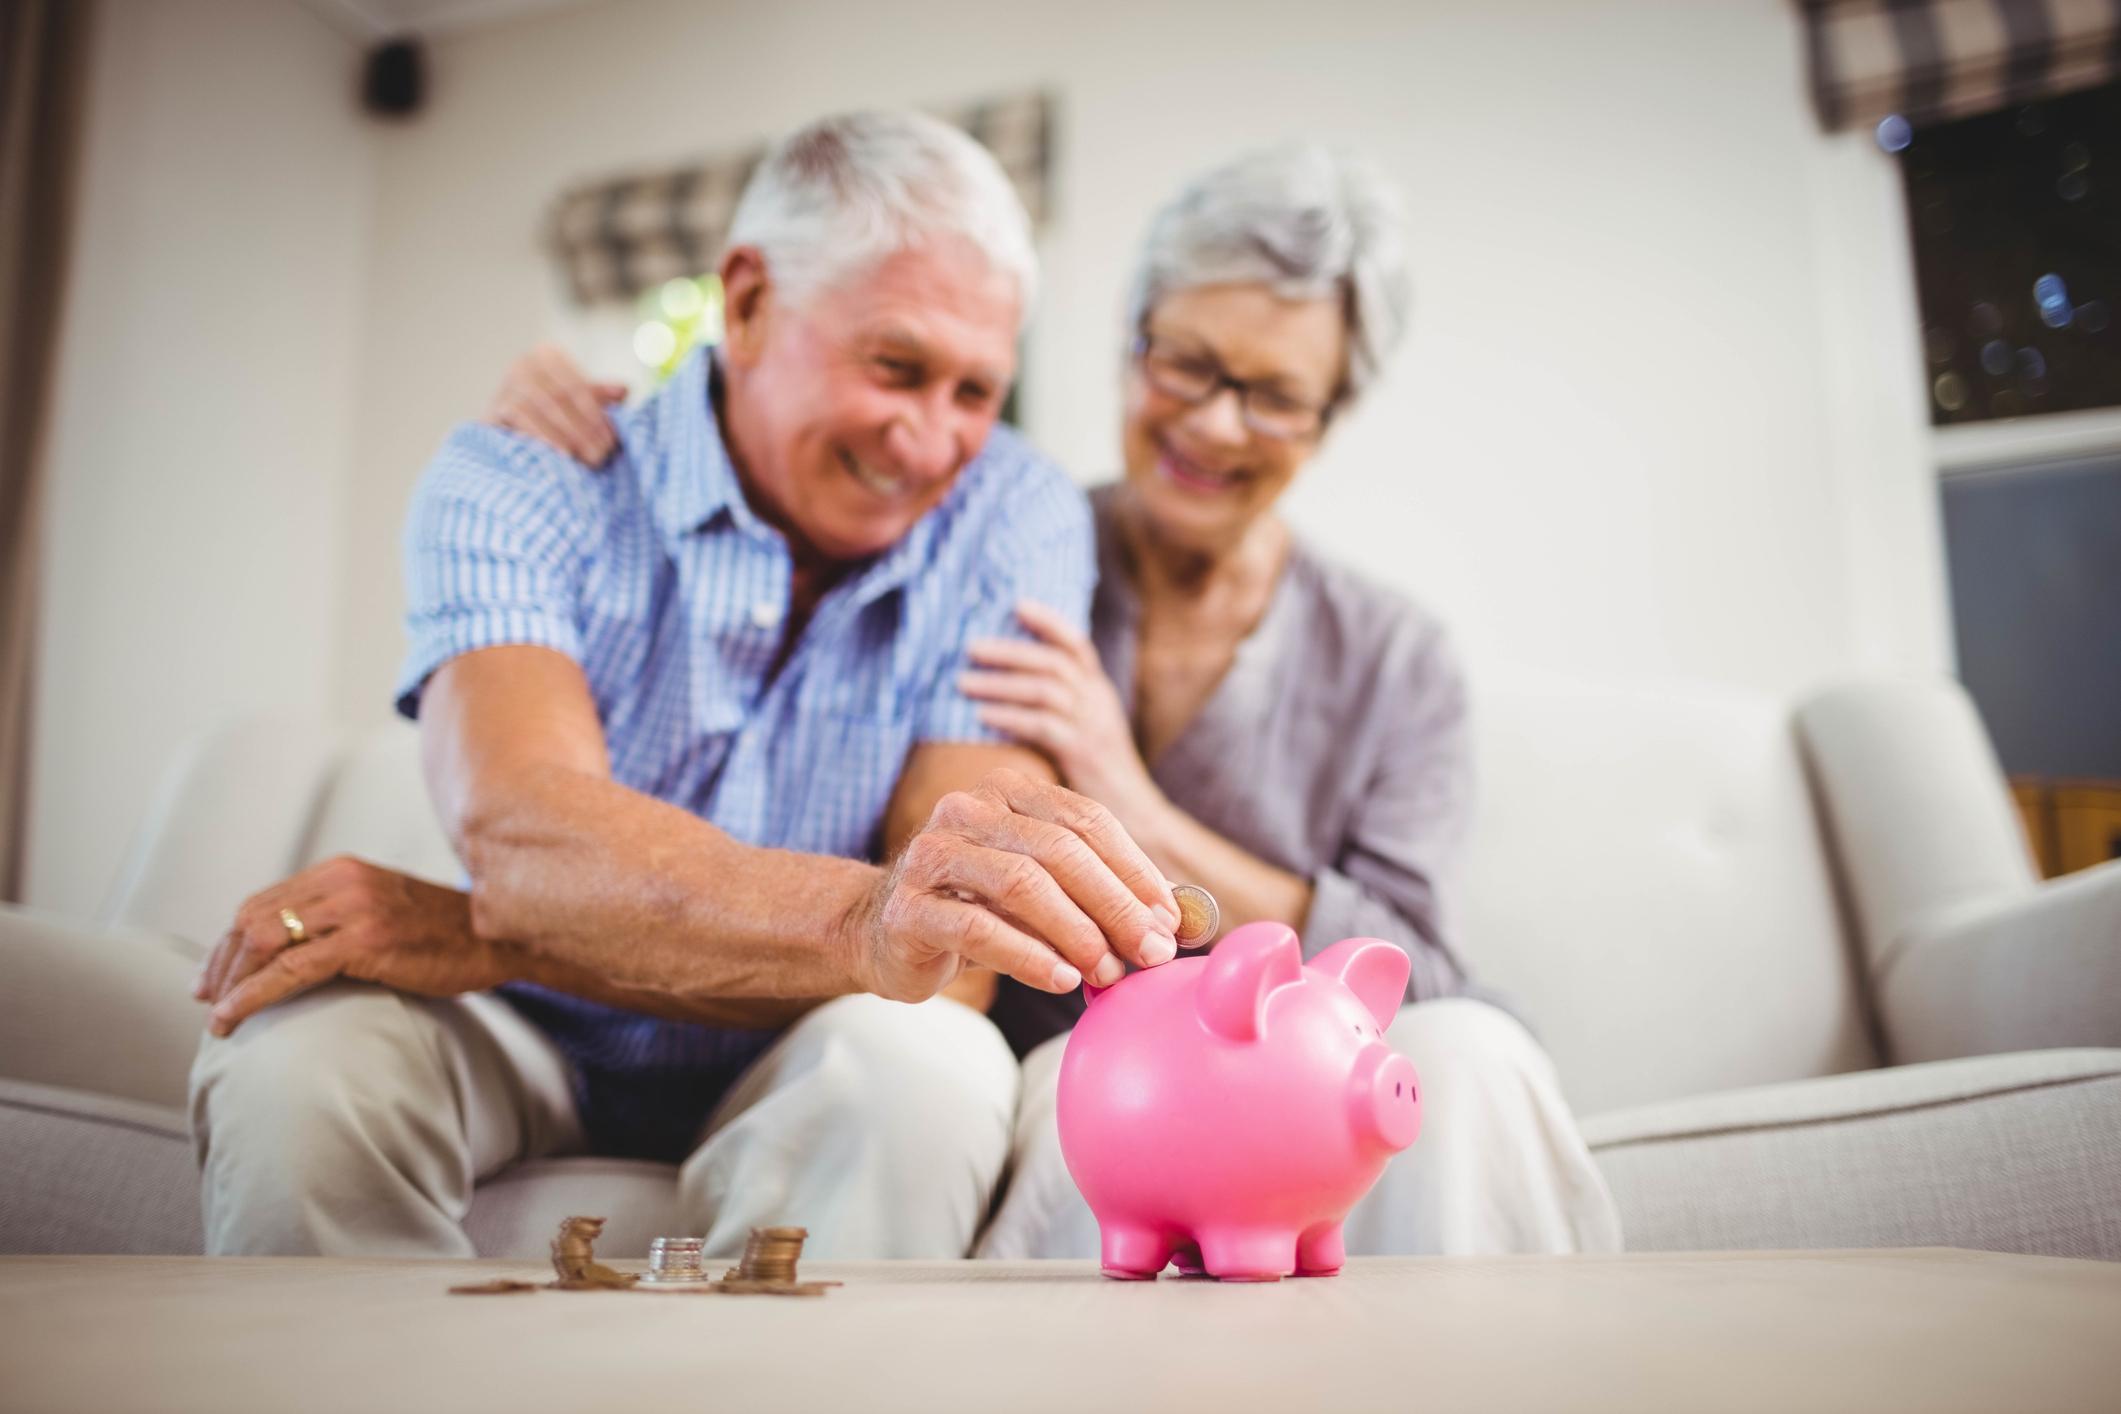 An older man sitting next to an older woman puts a coin into a piggy bank